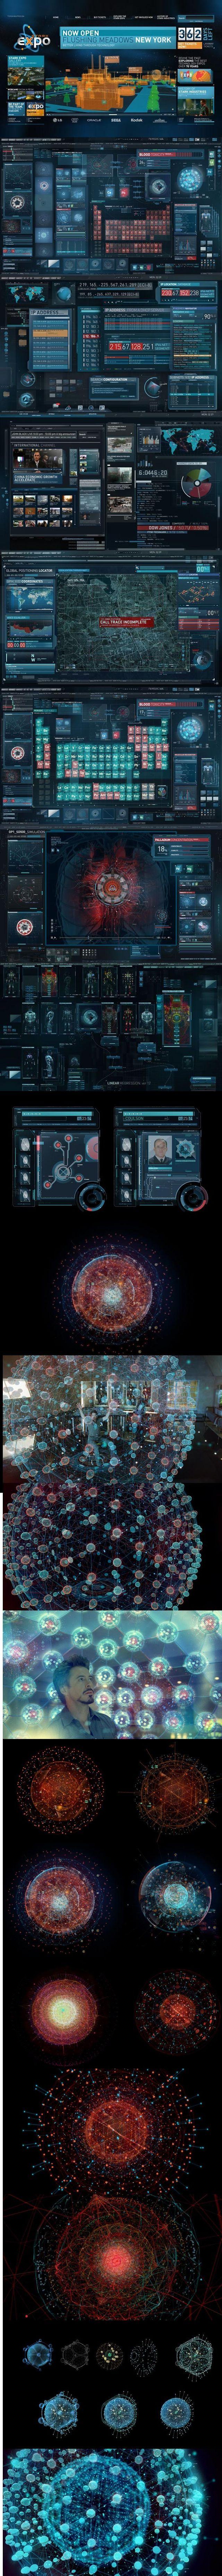 7cfe88a62f7953a044f8cb58d3679e51.jpg 640×7,413 pixels